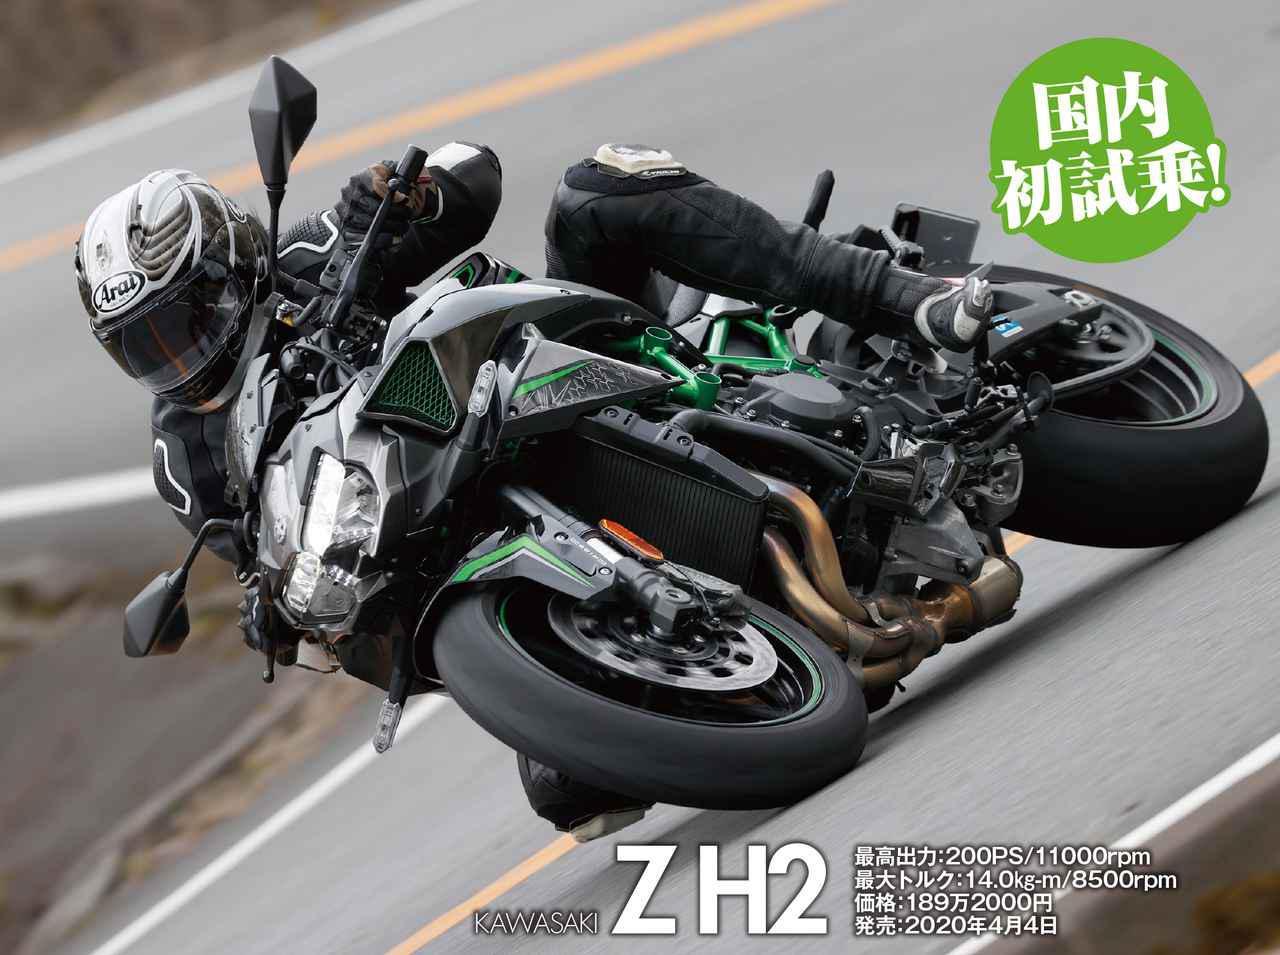 画像: 宮崎敬一郎さんはカワサキ「Z H2」を試乗インプレ! そのほかにもたくさんの新型車の解説&テストを行なっています。